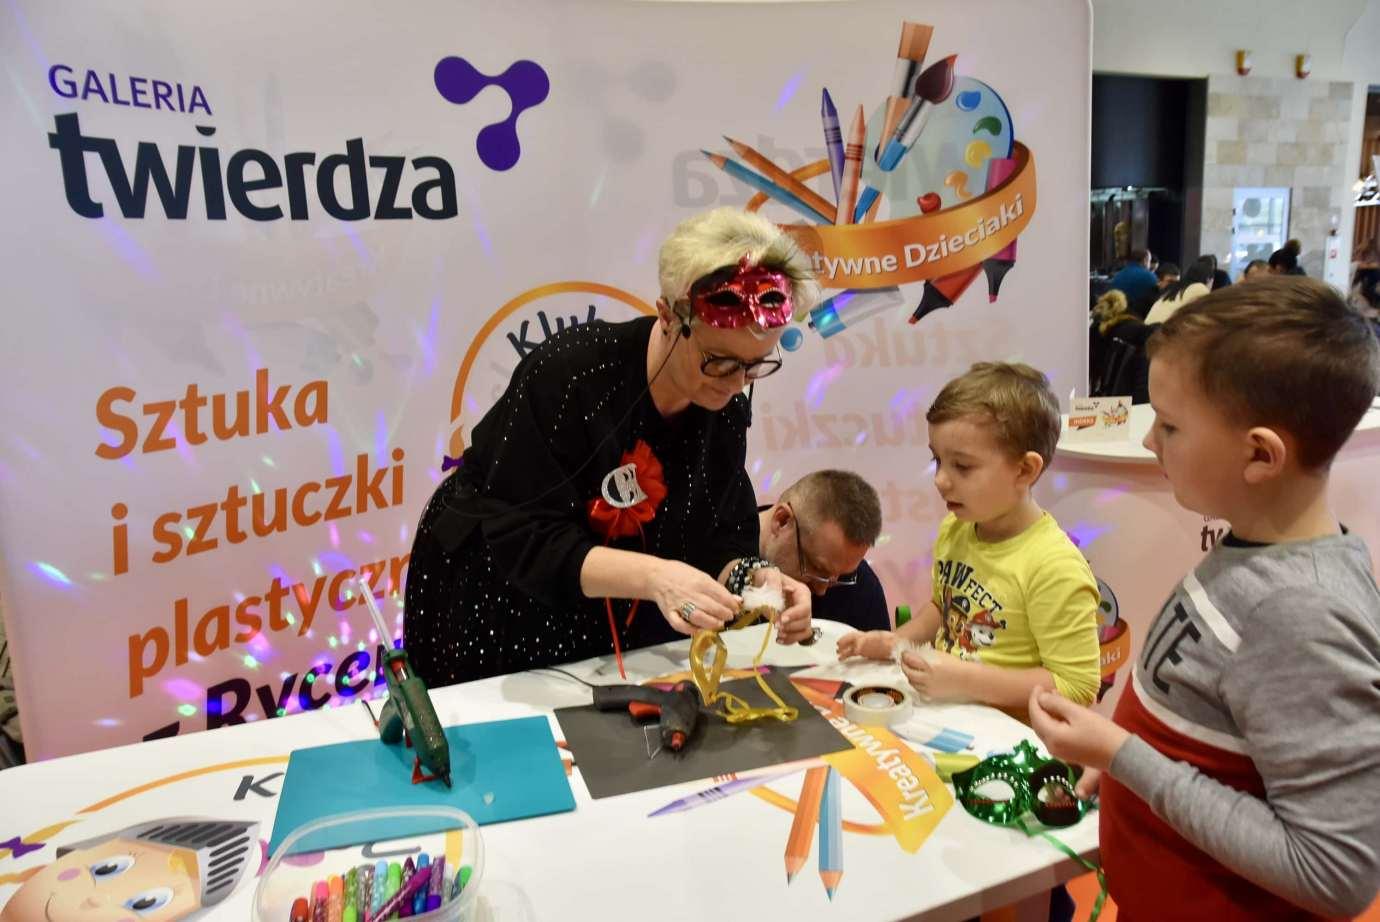 dsc 3933 Zabawa kreatywnych dzieciaków w Galerii Handlowej Twierdza (filmy i zdjęcia)